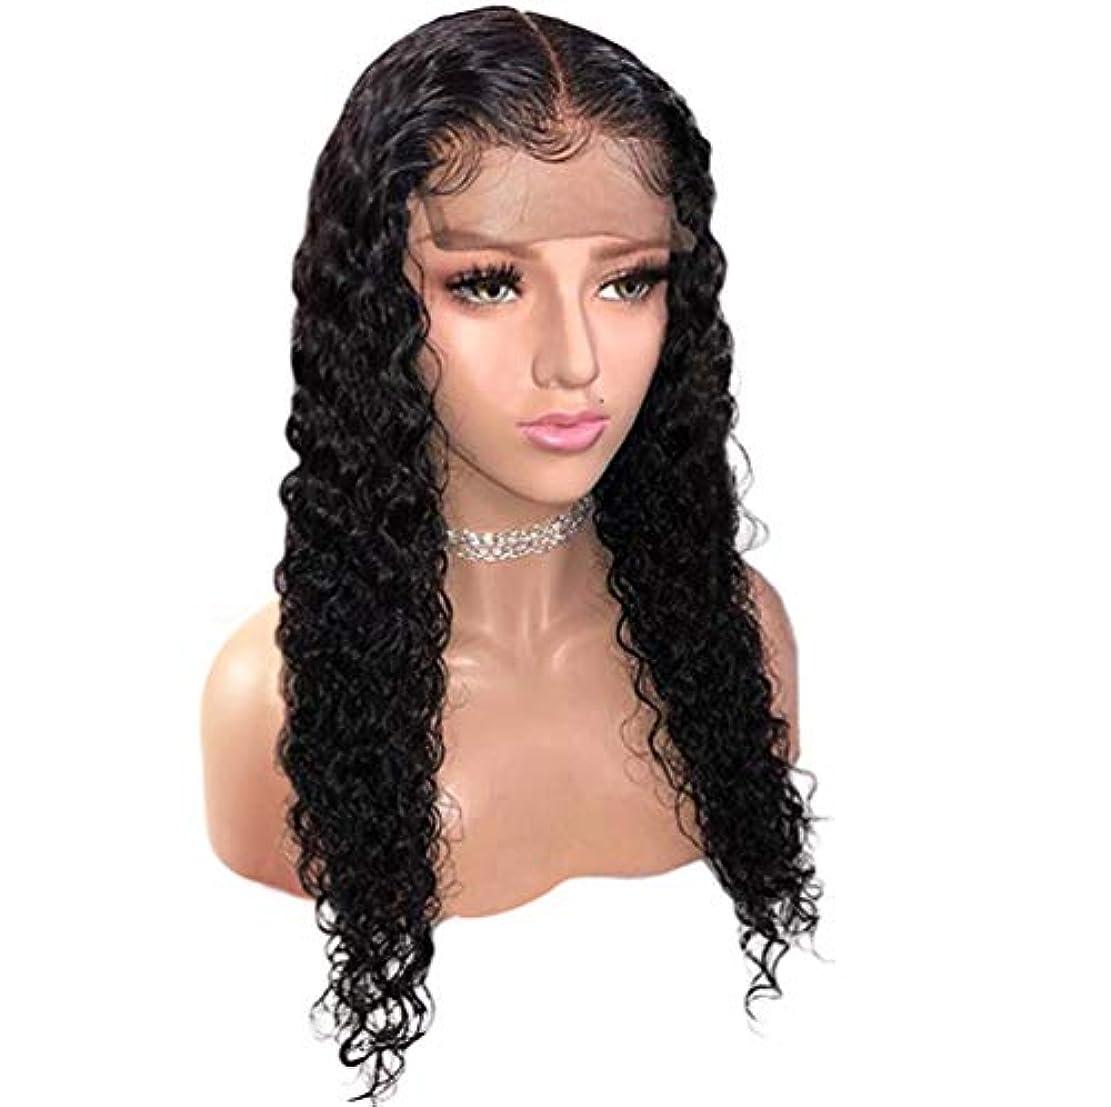 価格所有権あたたかい女性ブラジルフロントレースかつら人間の髪の毛130%合成合成かつら耐熱毛髪のかつら黒24インチ